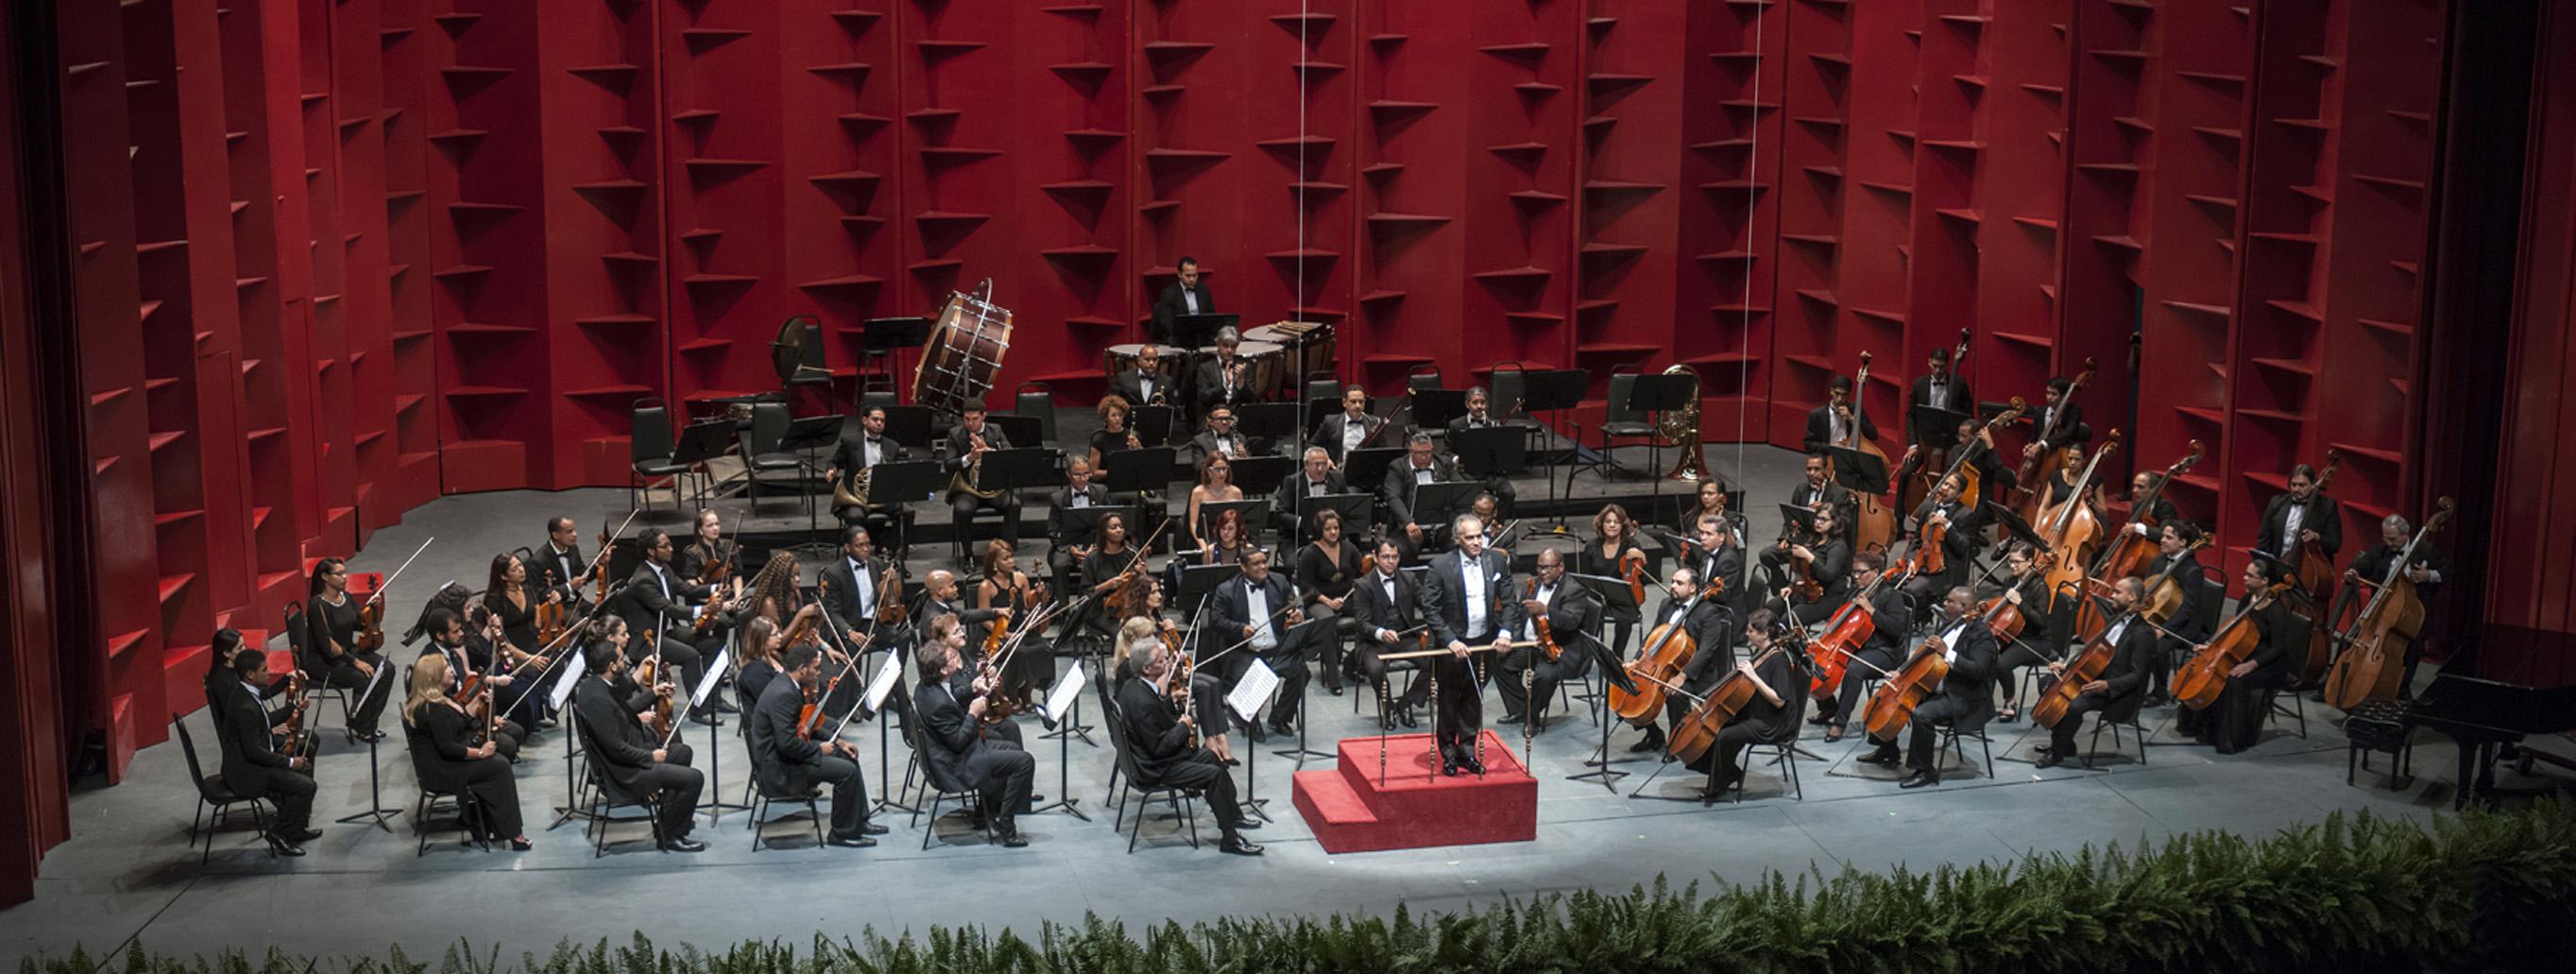 Orquesta Sinfónica inicia este miércoles Temporada de Conciertos 2018